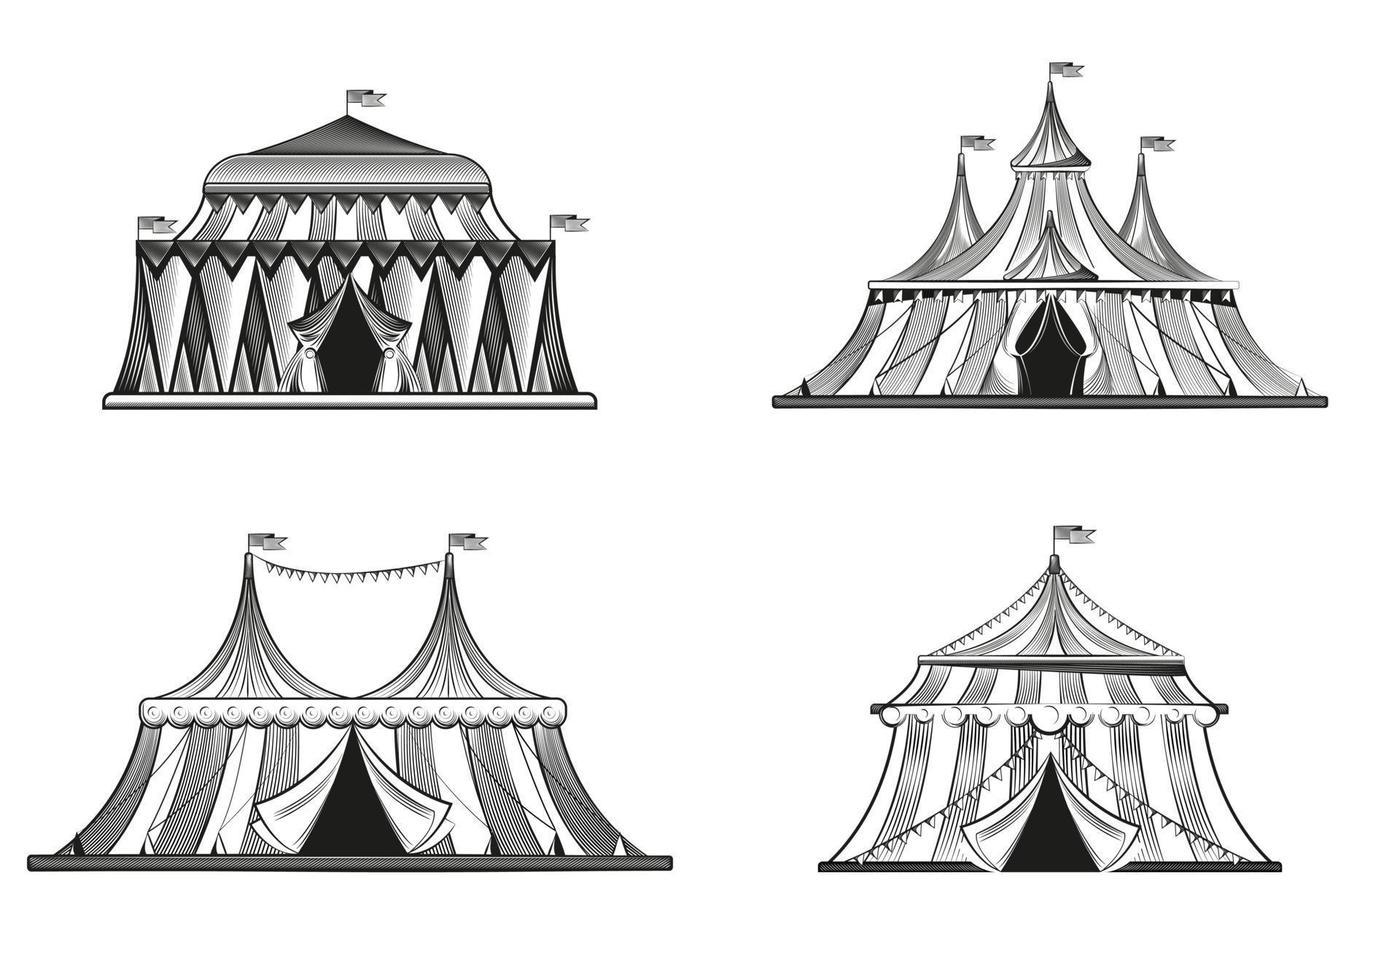 Conjunto de tendas de circo em estilo de gravura vetor